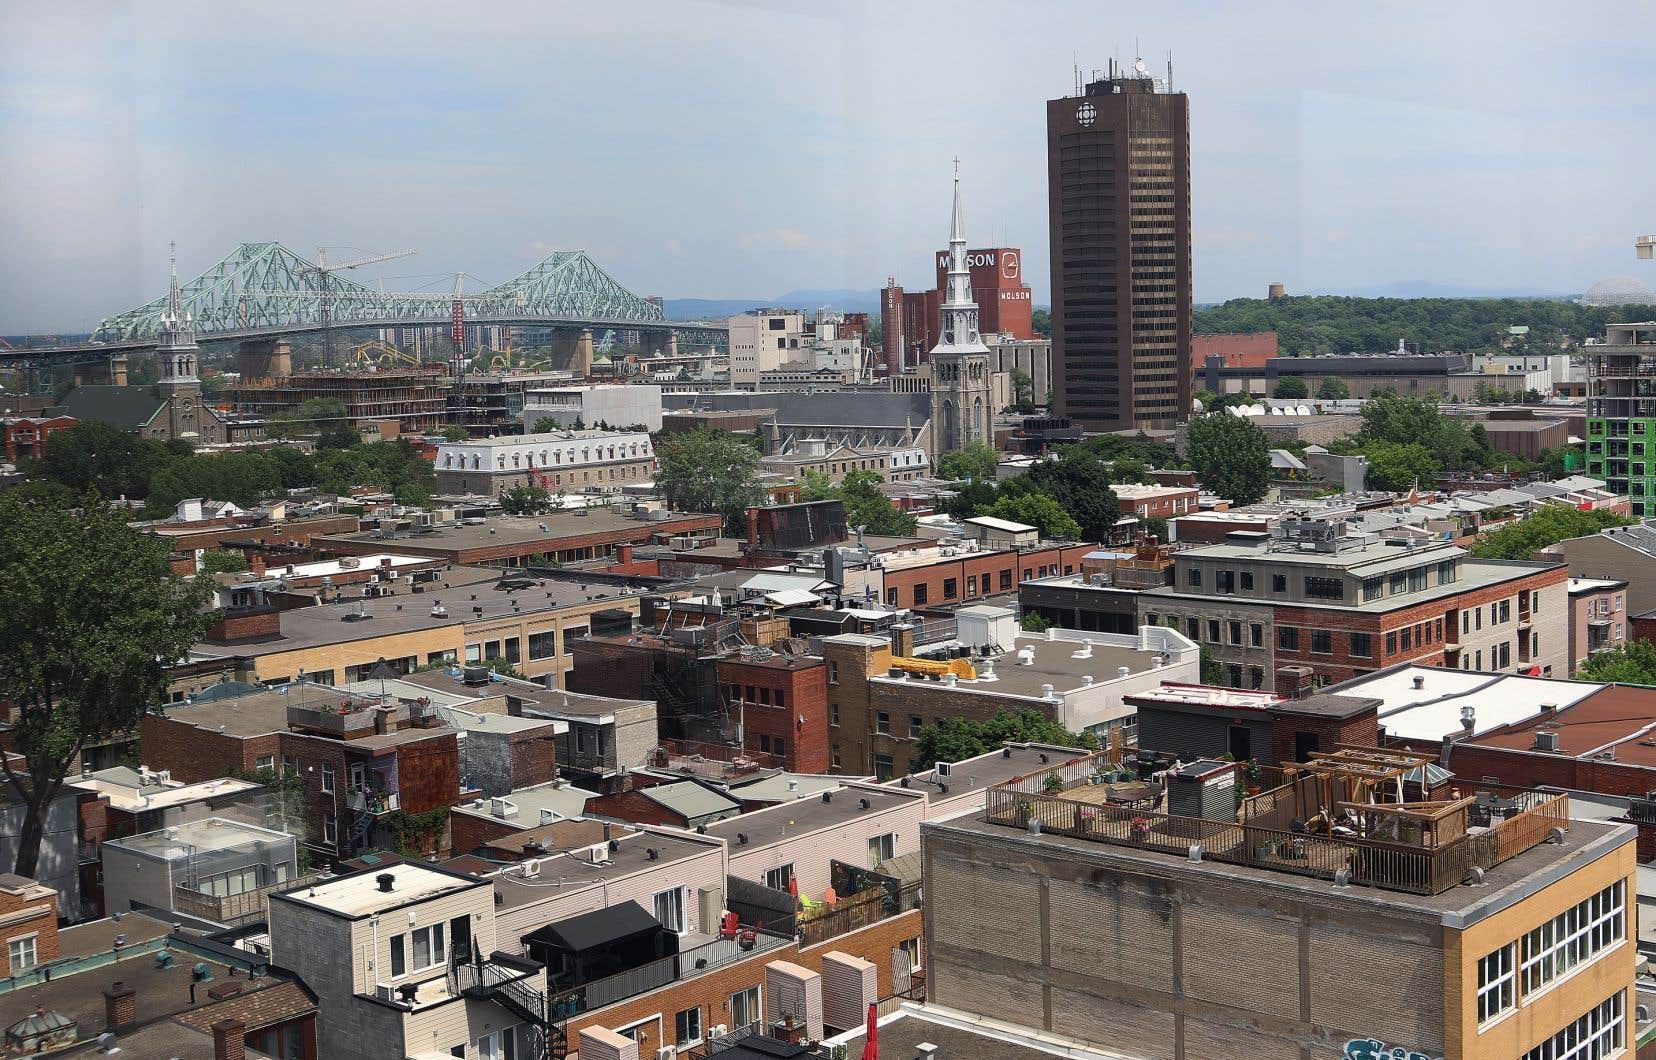 «Nous aurions cru que votre administration en profiterait pour réaliser vos engagements concernant l'amélioration de l'offre de logements au centre-ville, lesquels ont d'ailleurs été réitérés avec plus de vigueur en raison des effets de la pandémie sur le cœur économique de Montréal», écrit l'auteur à Valérie Plante.